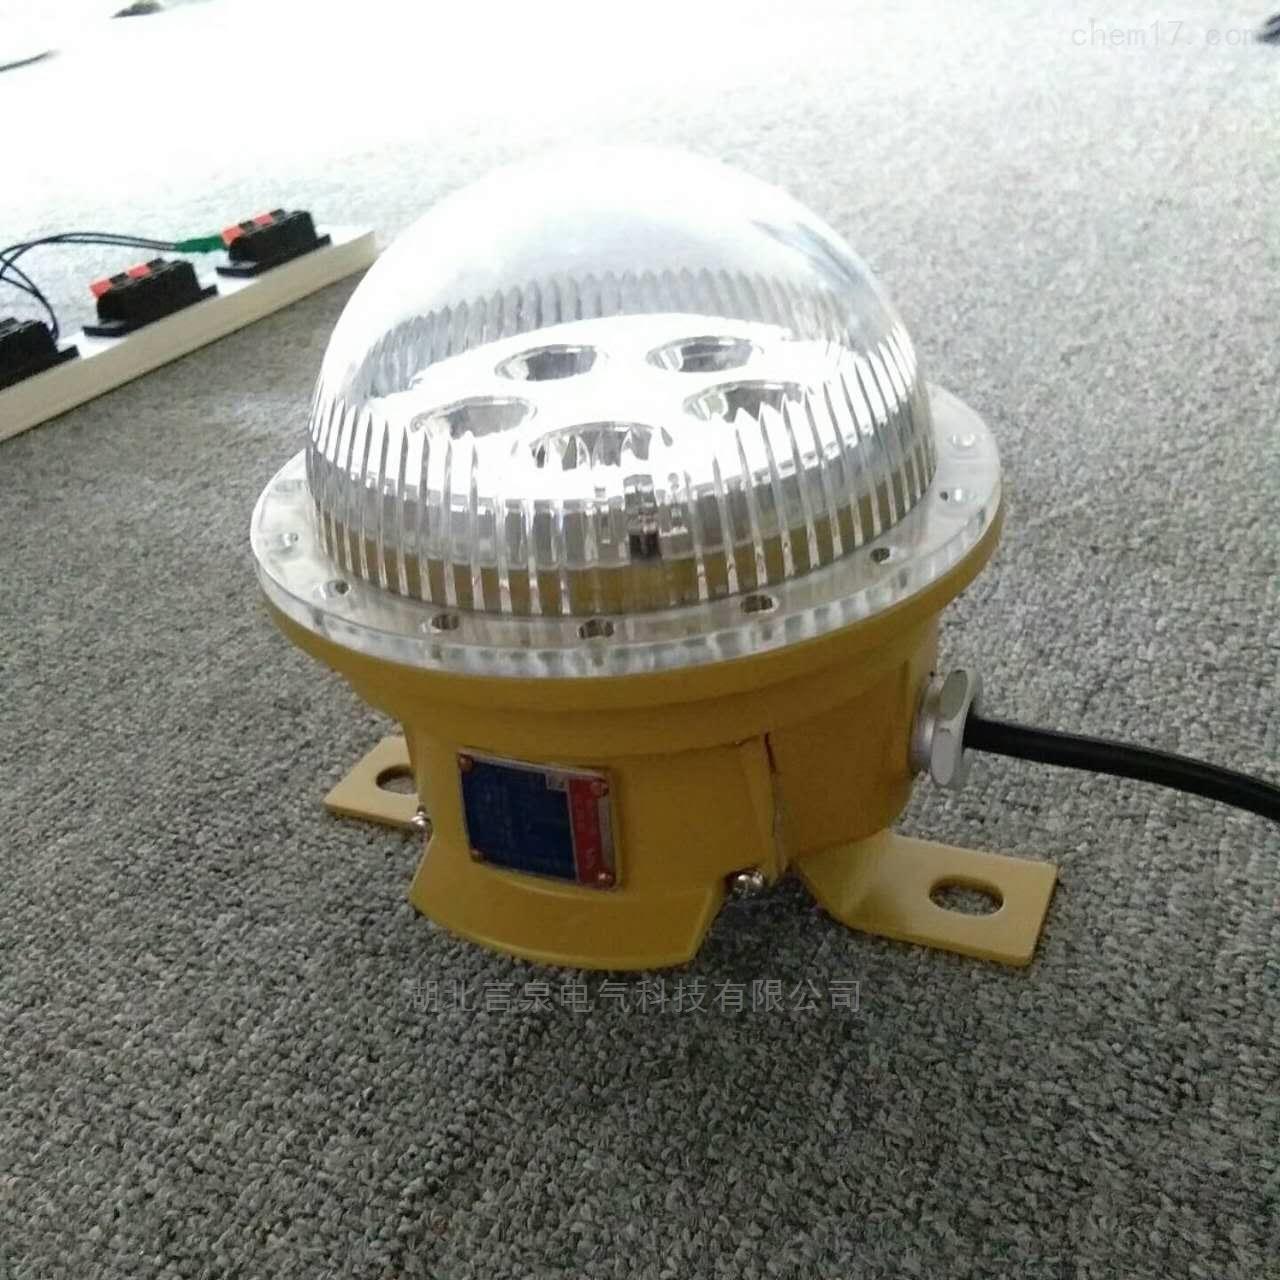 天津MH8183LED10瓦固态照明防爆吸顶灯